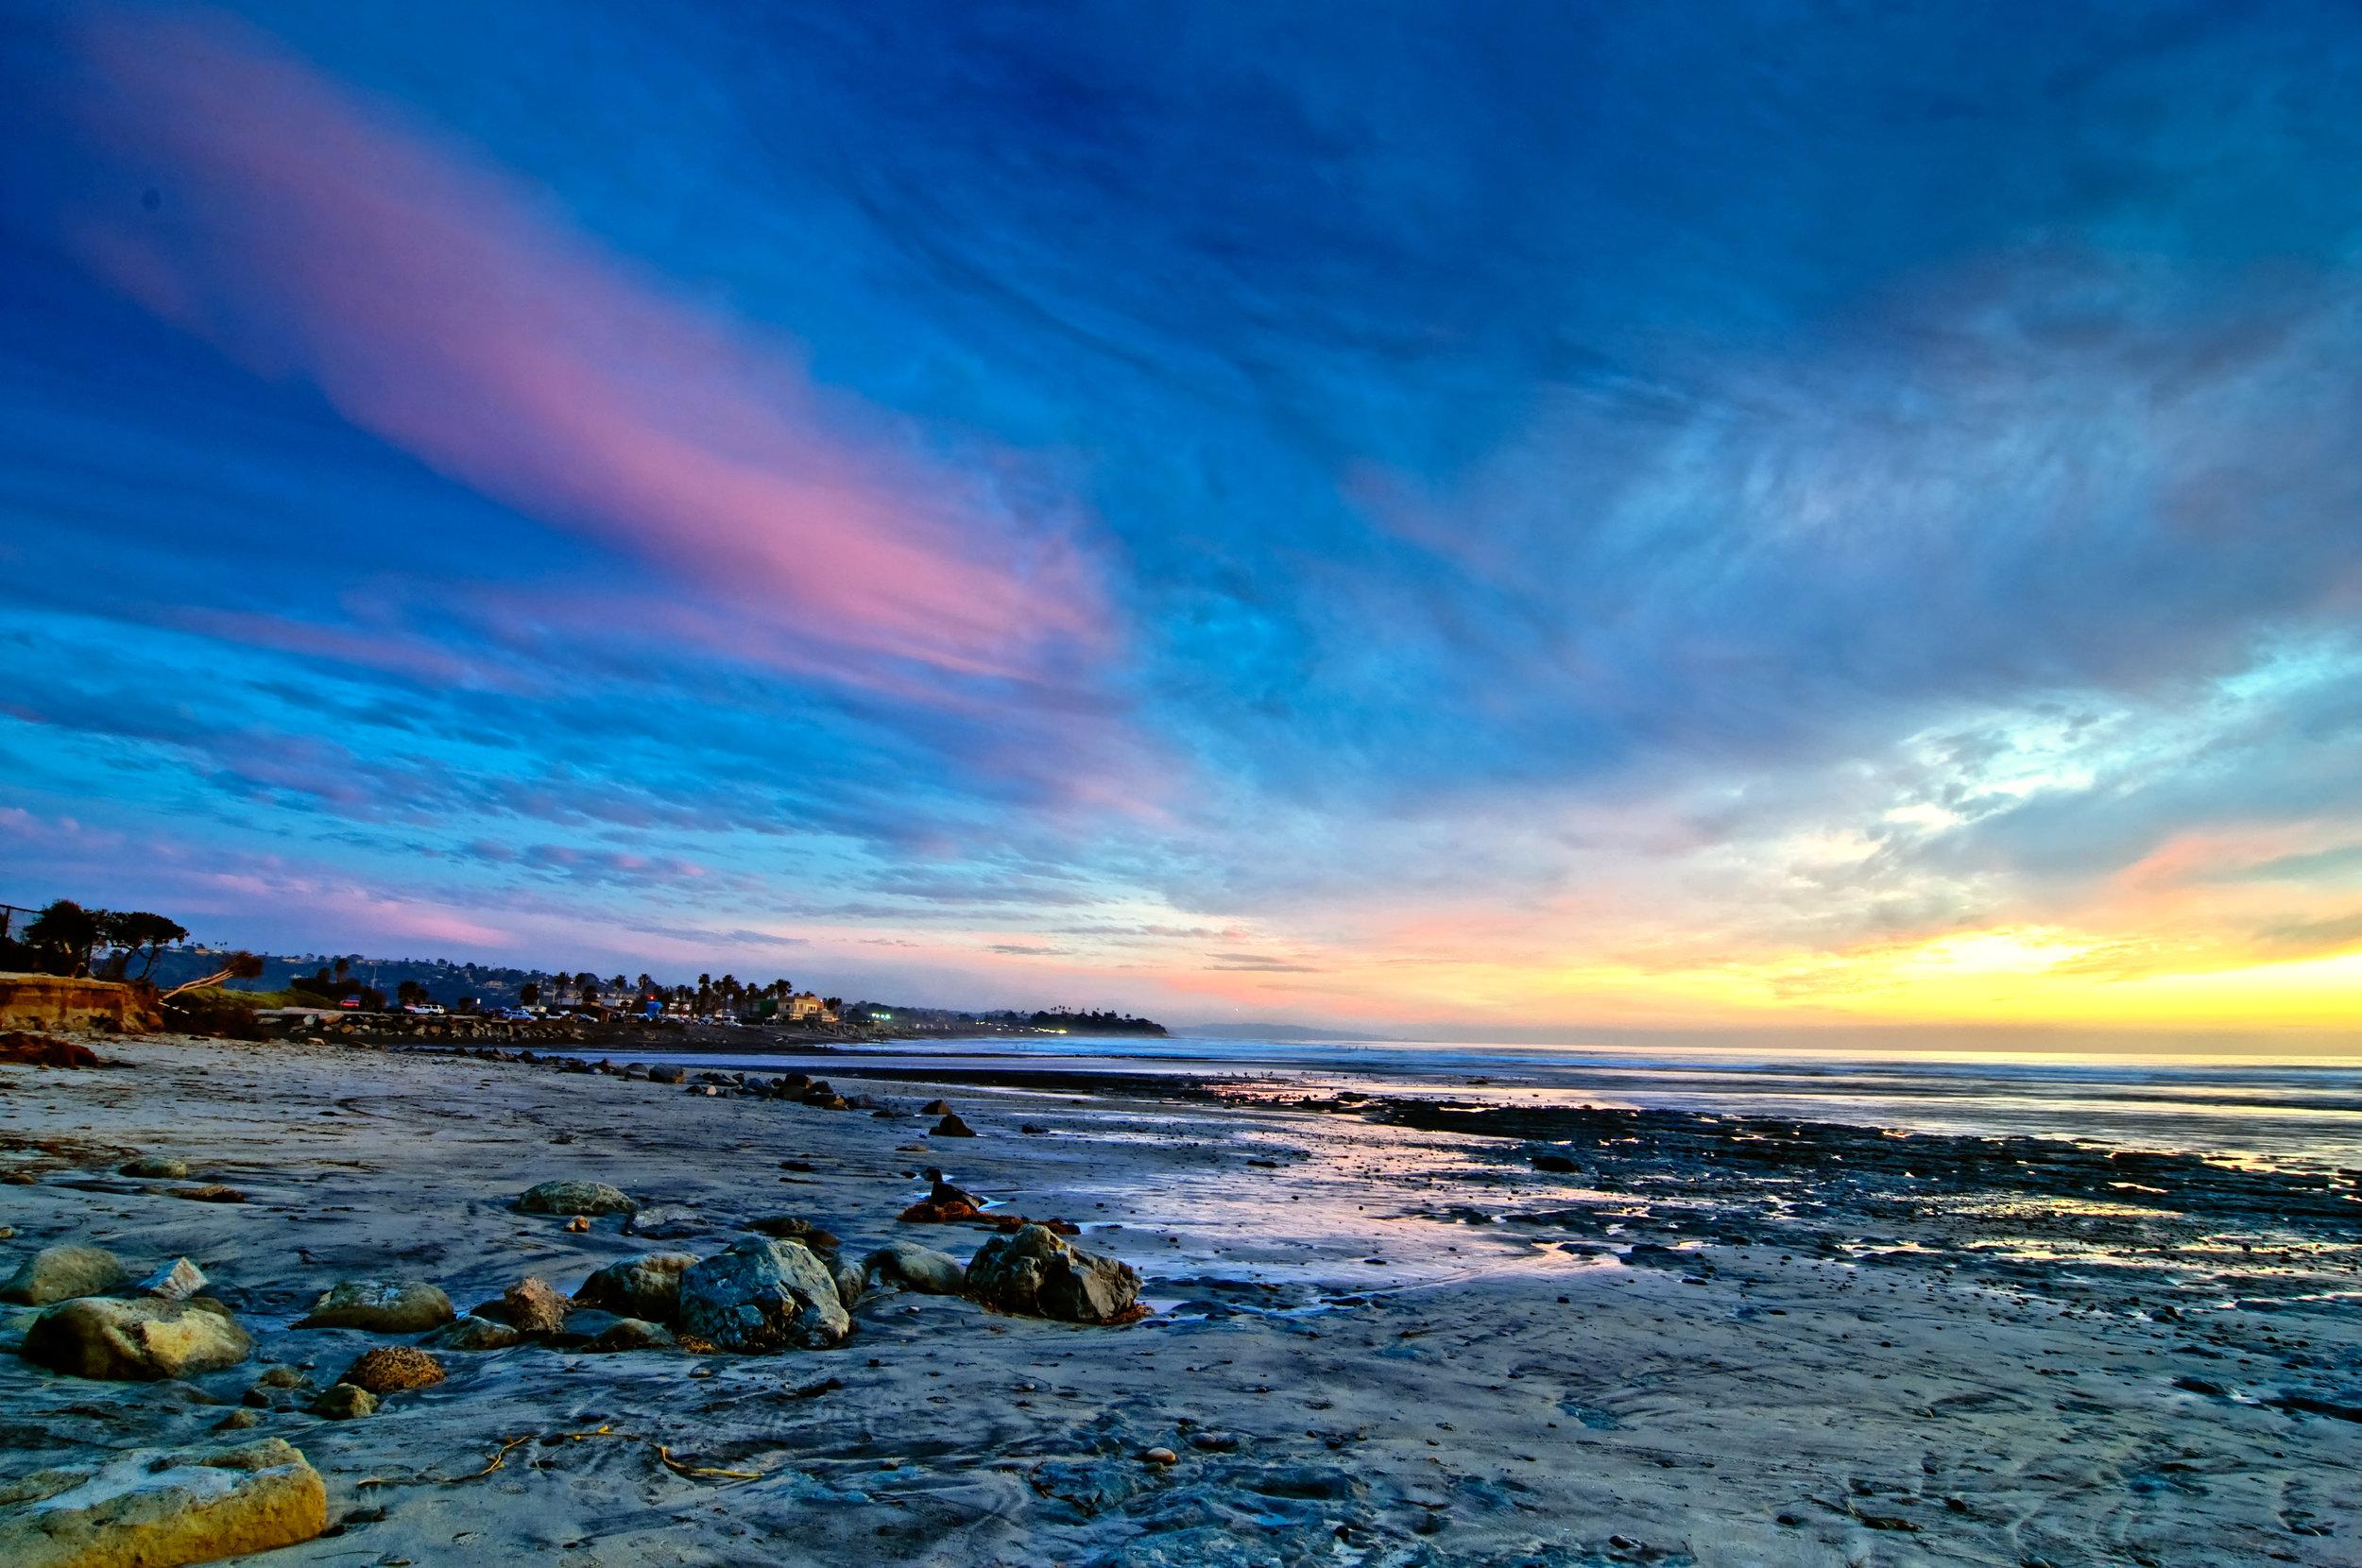 Take a beach day - CARDIFF STATE BEACH